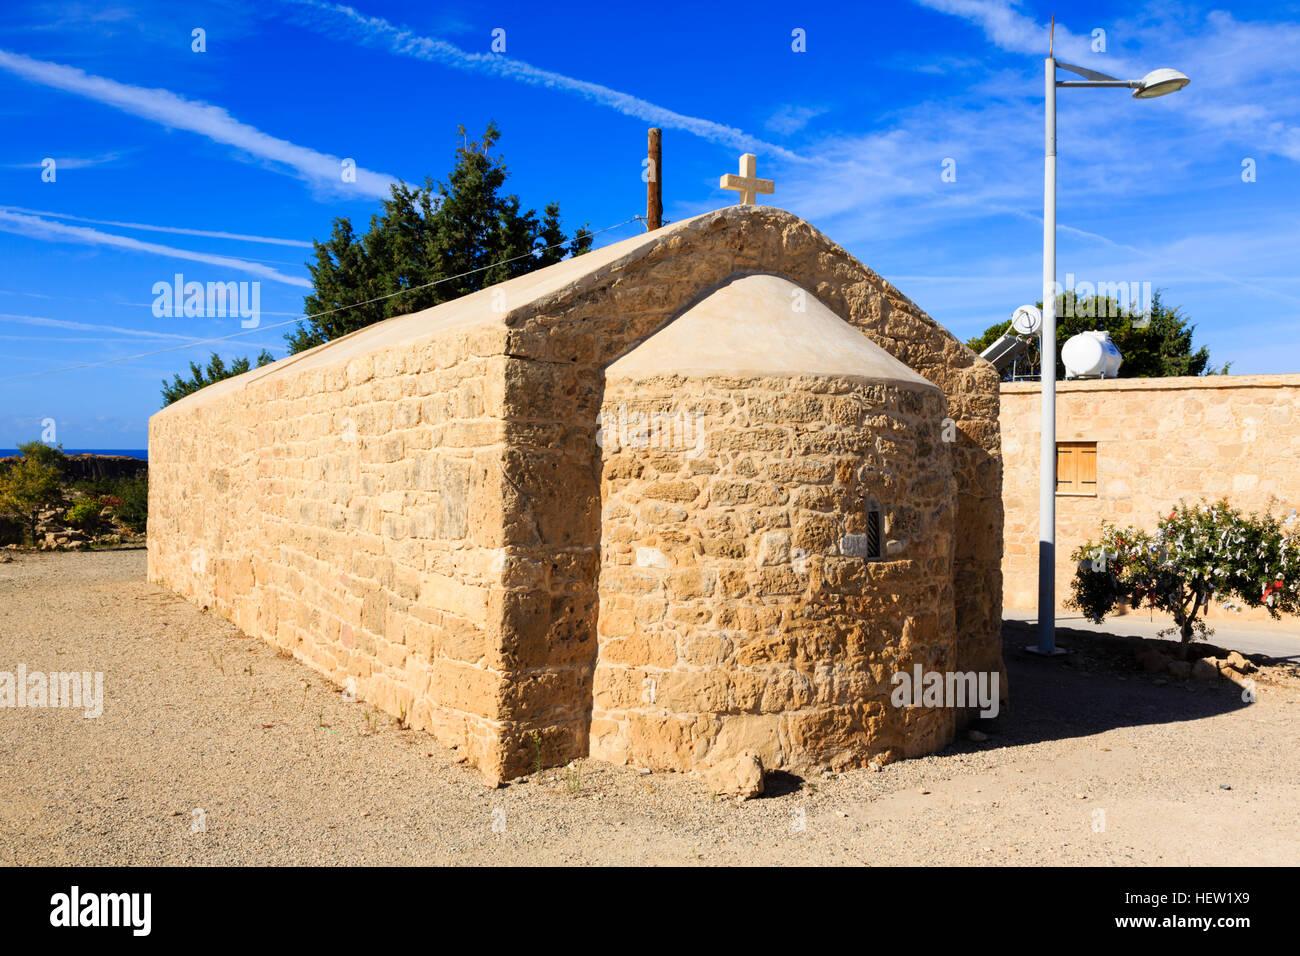 Première église d'Agios Georgios, Paphos, Chypre. Photo Stock